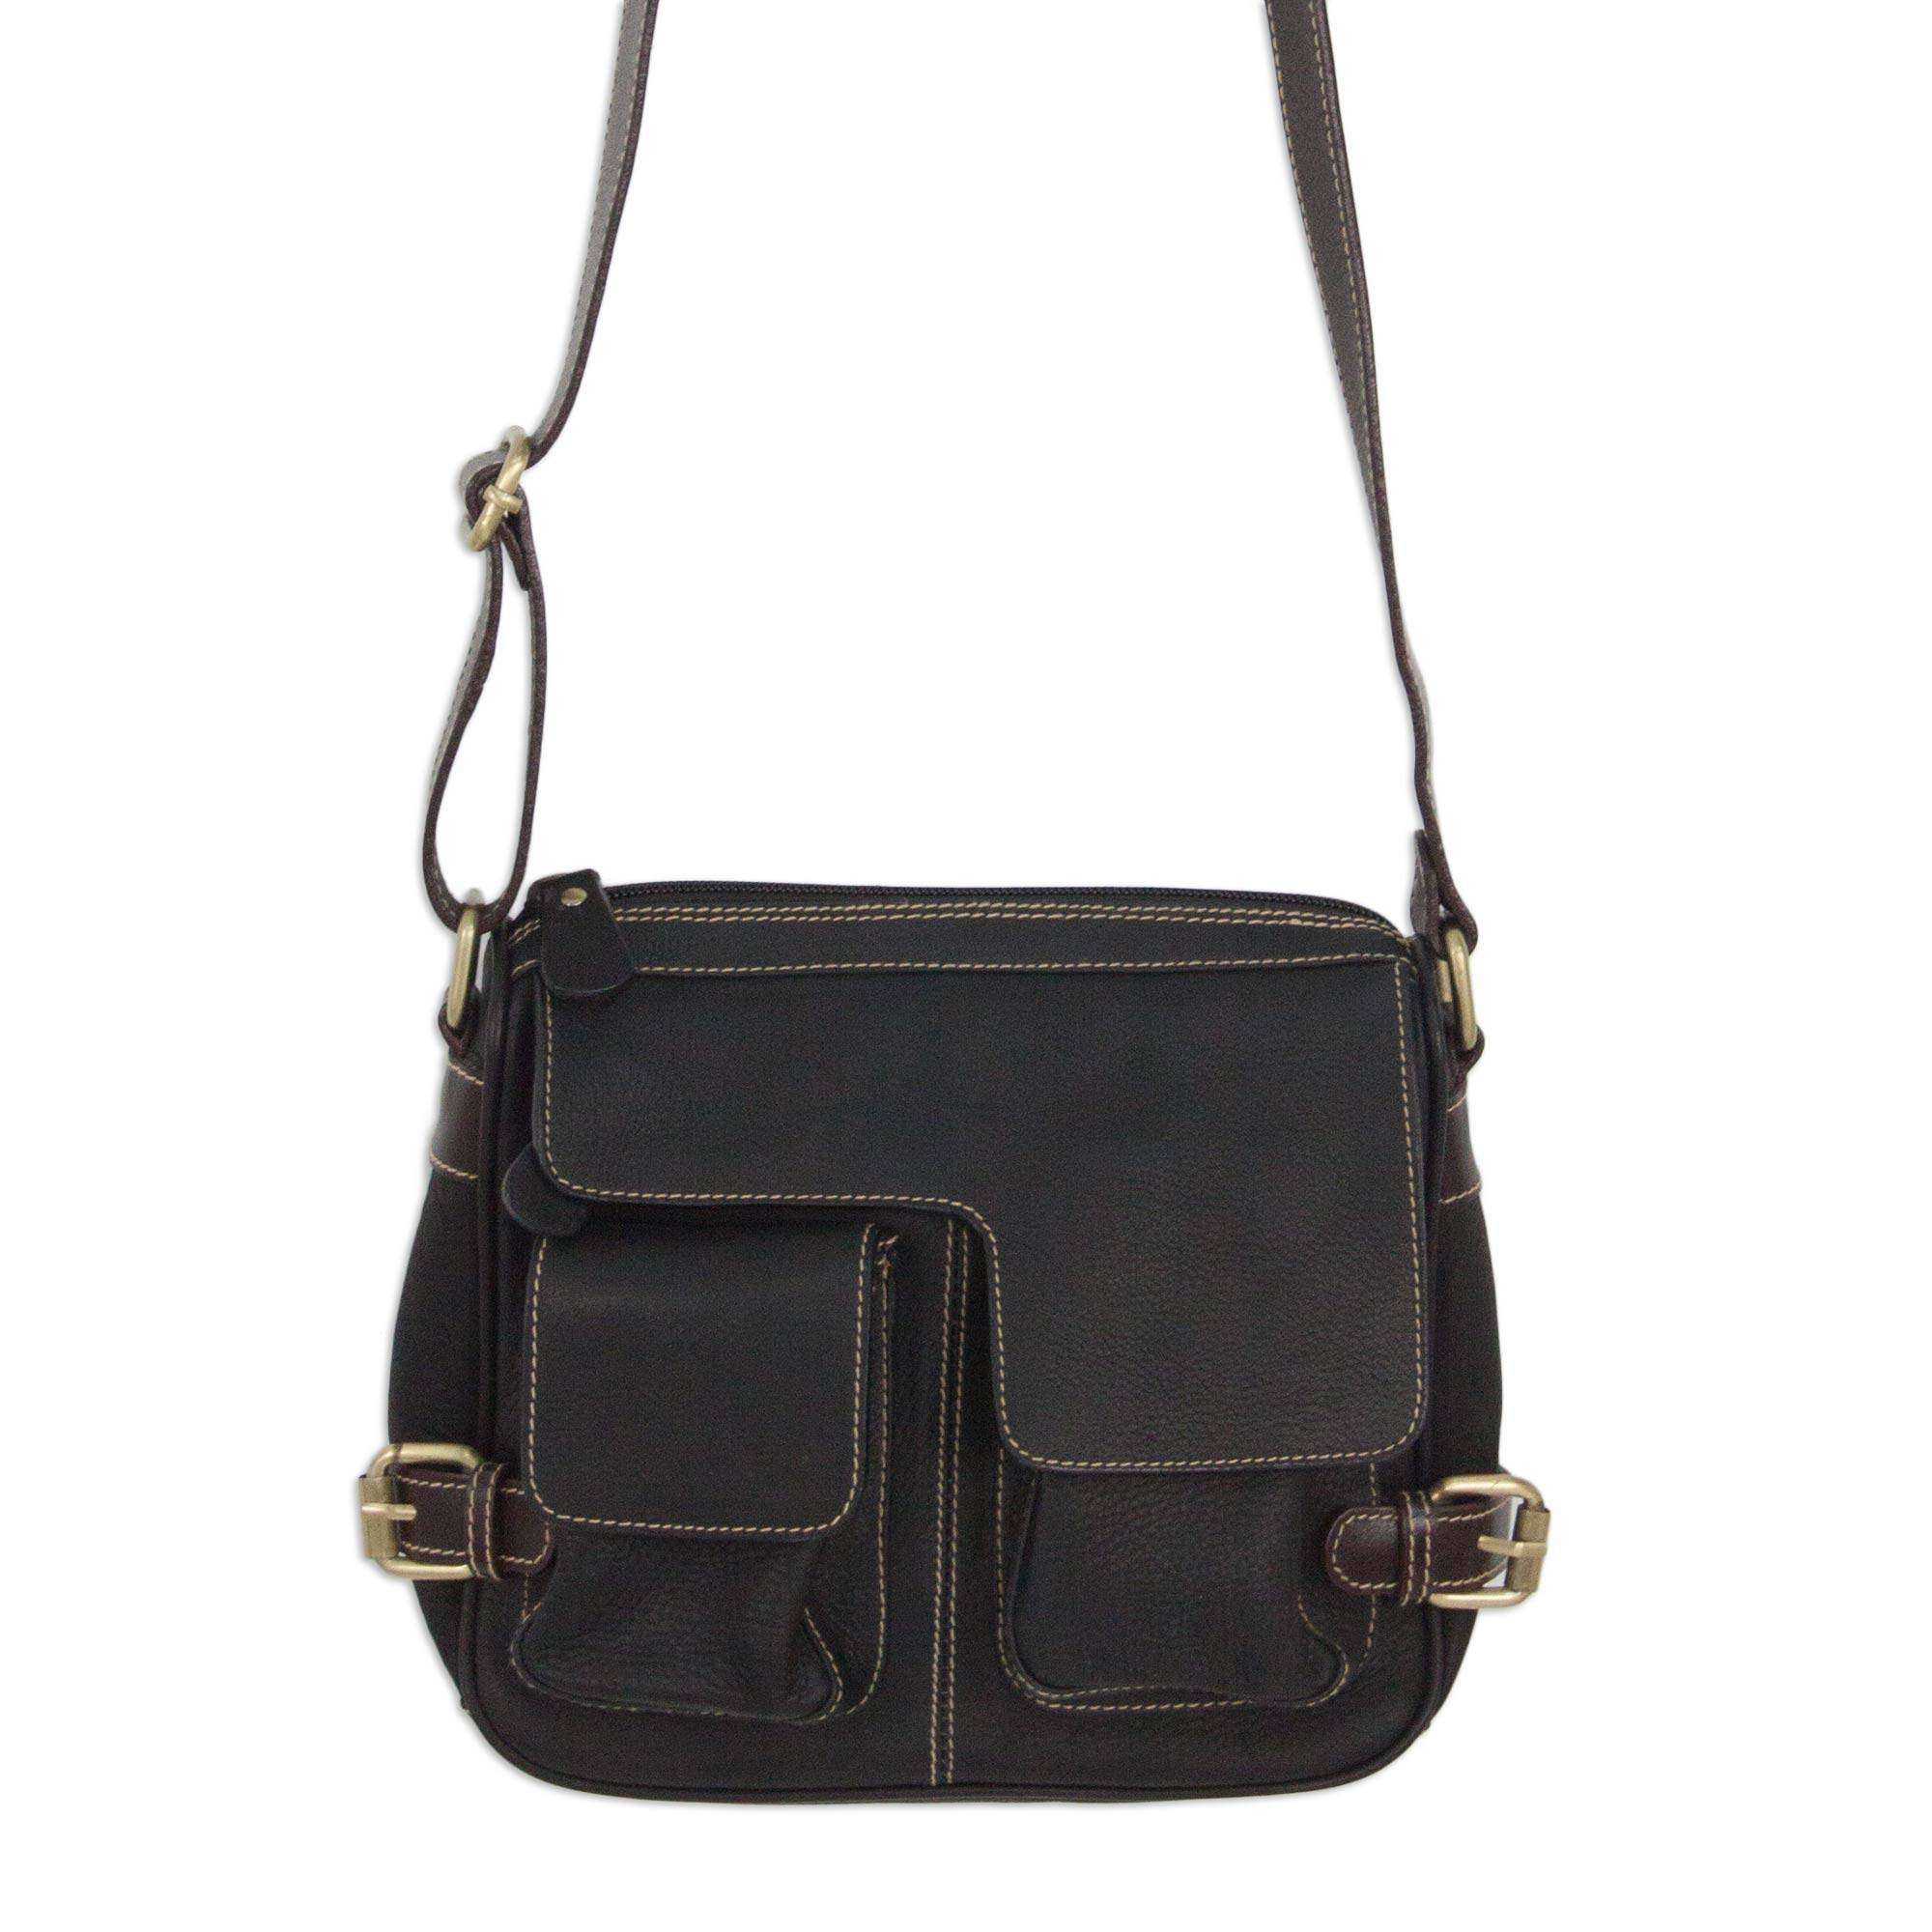 NOVICA Black Leather Shoulder Bag, 'Travel Smart in Black'